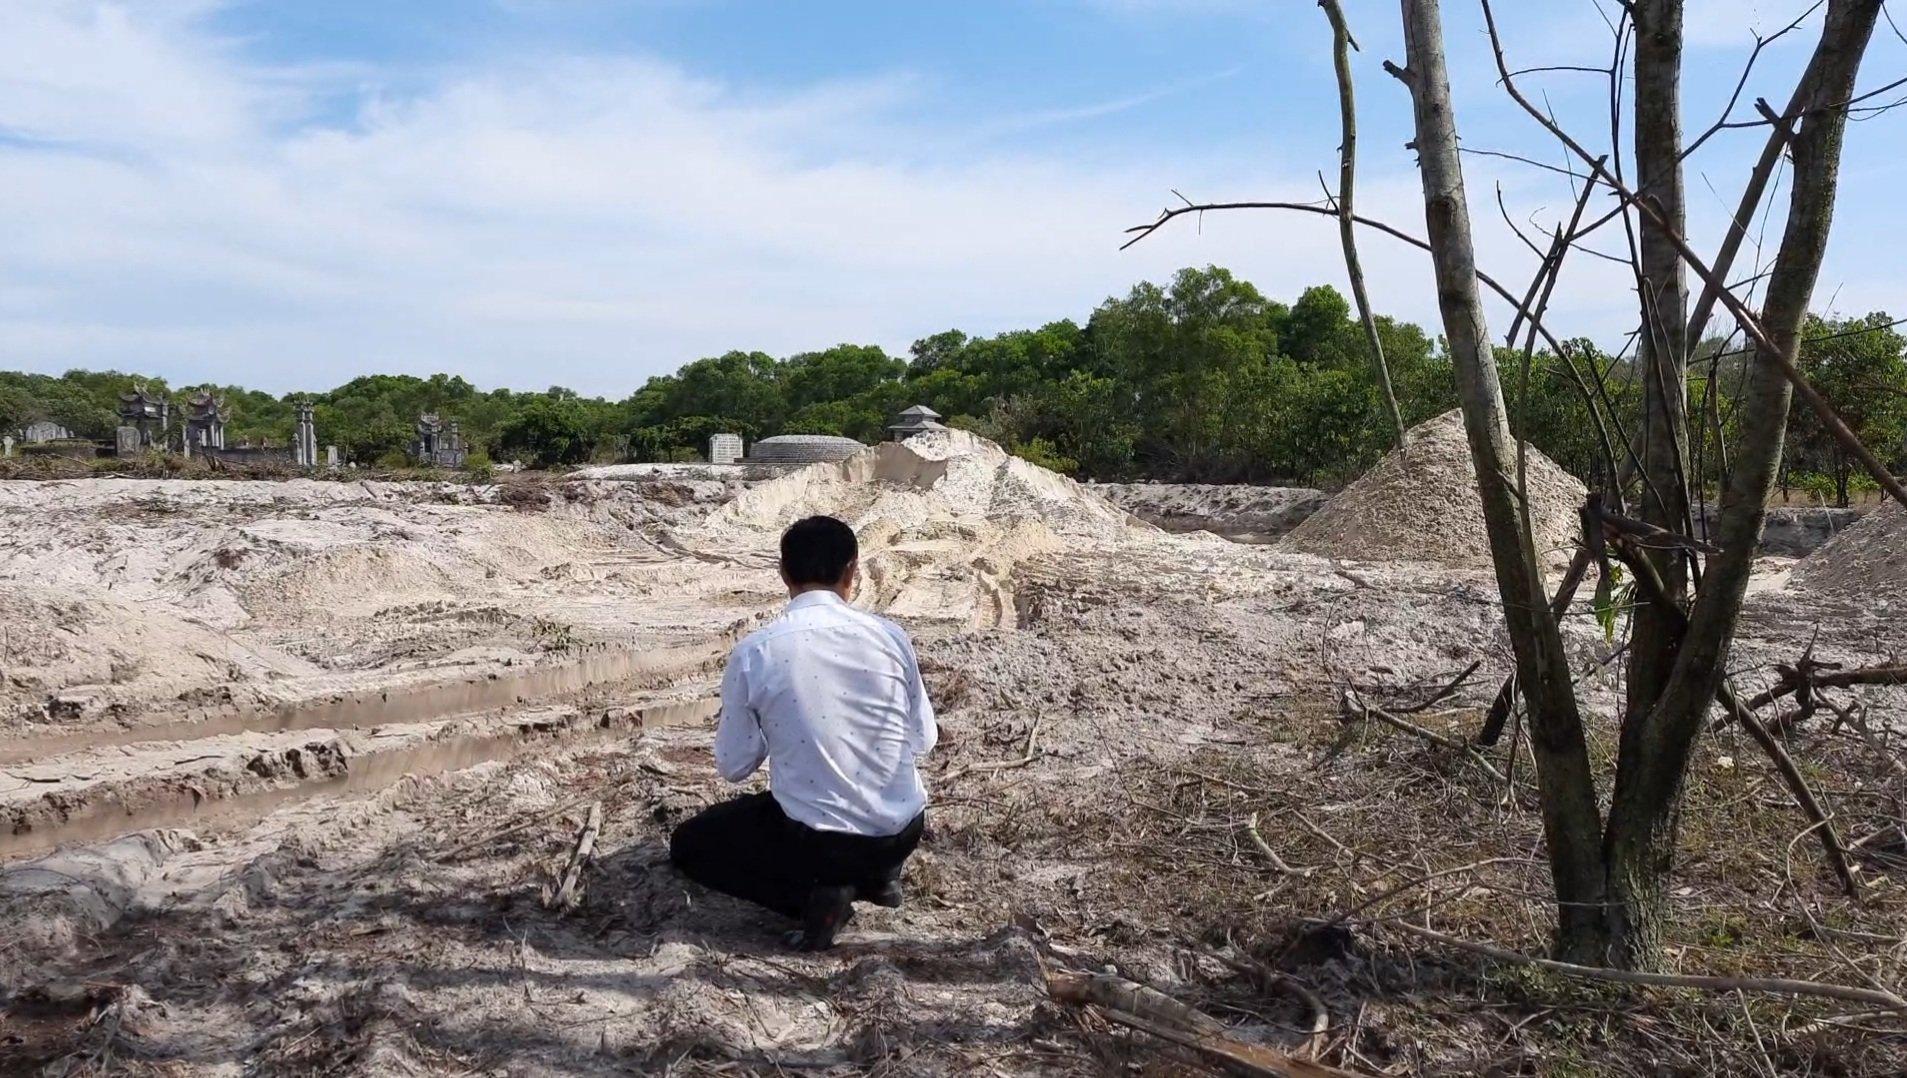 Vụ anh ruột Chủ tịch xã khai thác đất cát trái phép: Hứa một đường làm một nẻo - Ảnh 3.